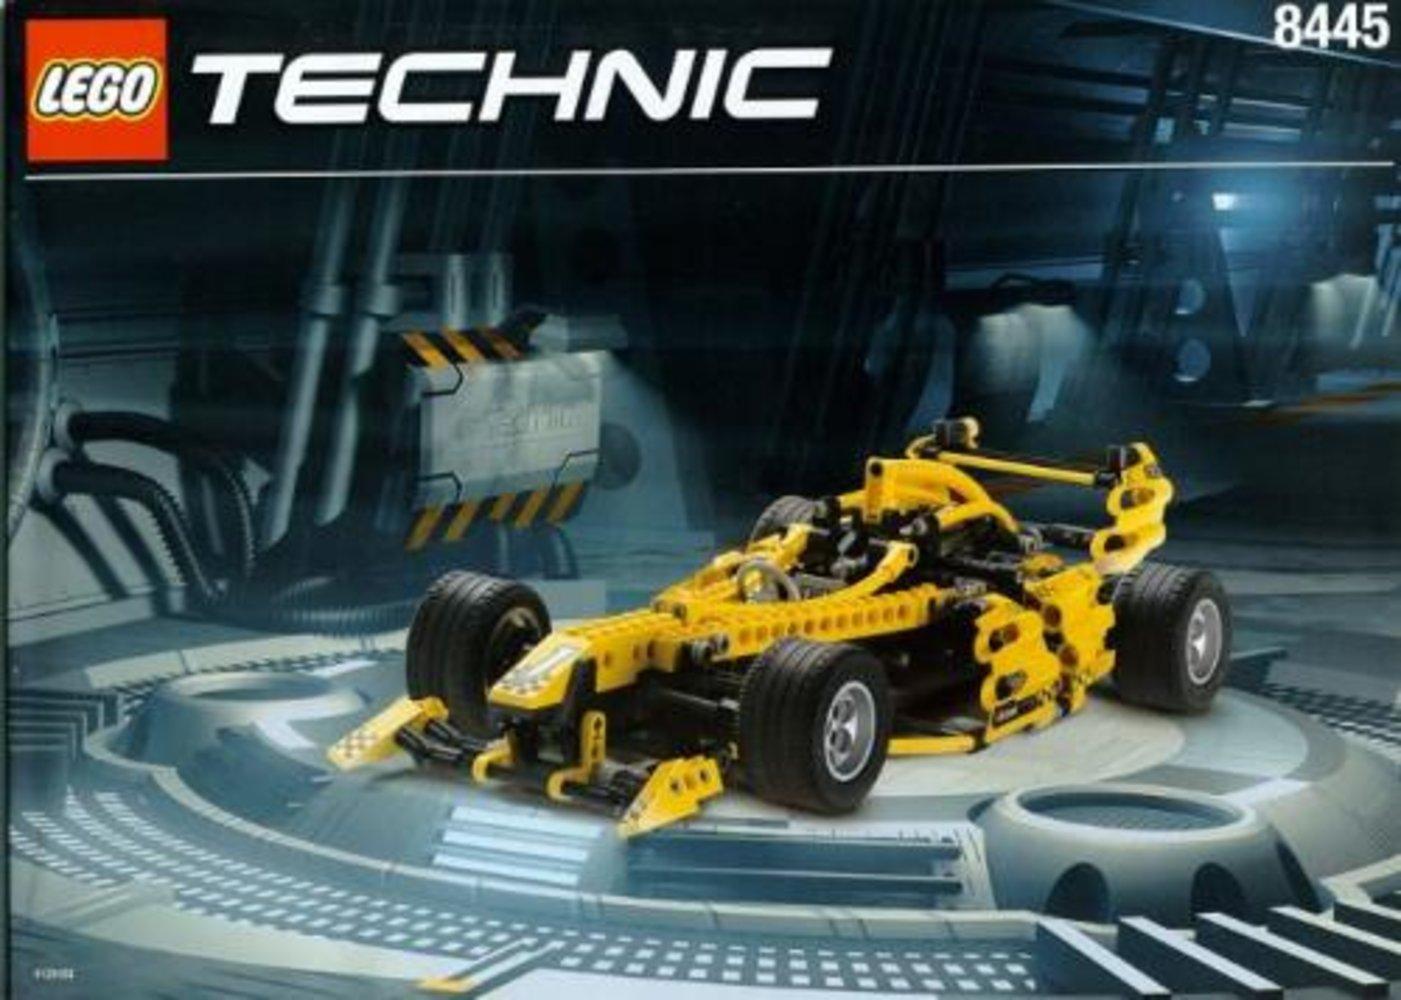 Indy Storm / Formula 1 Racer